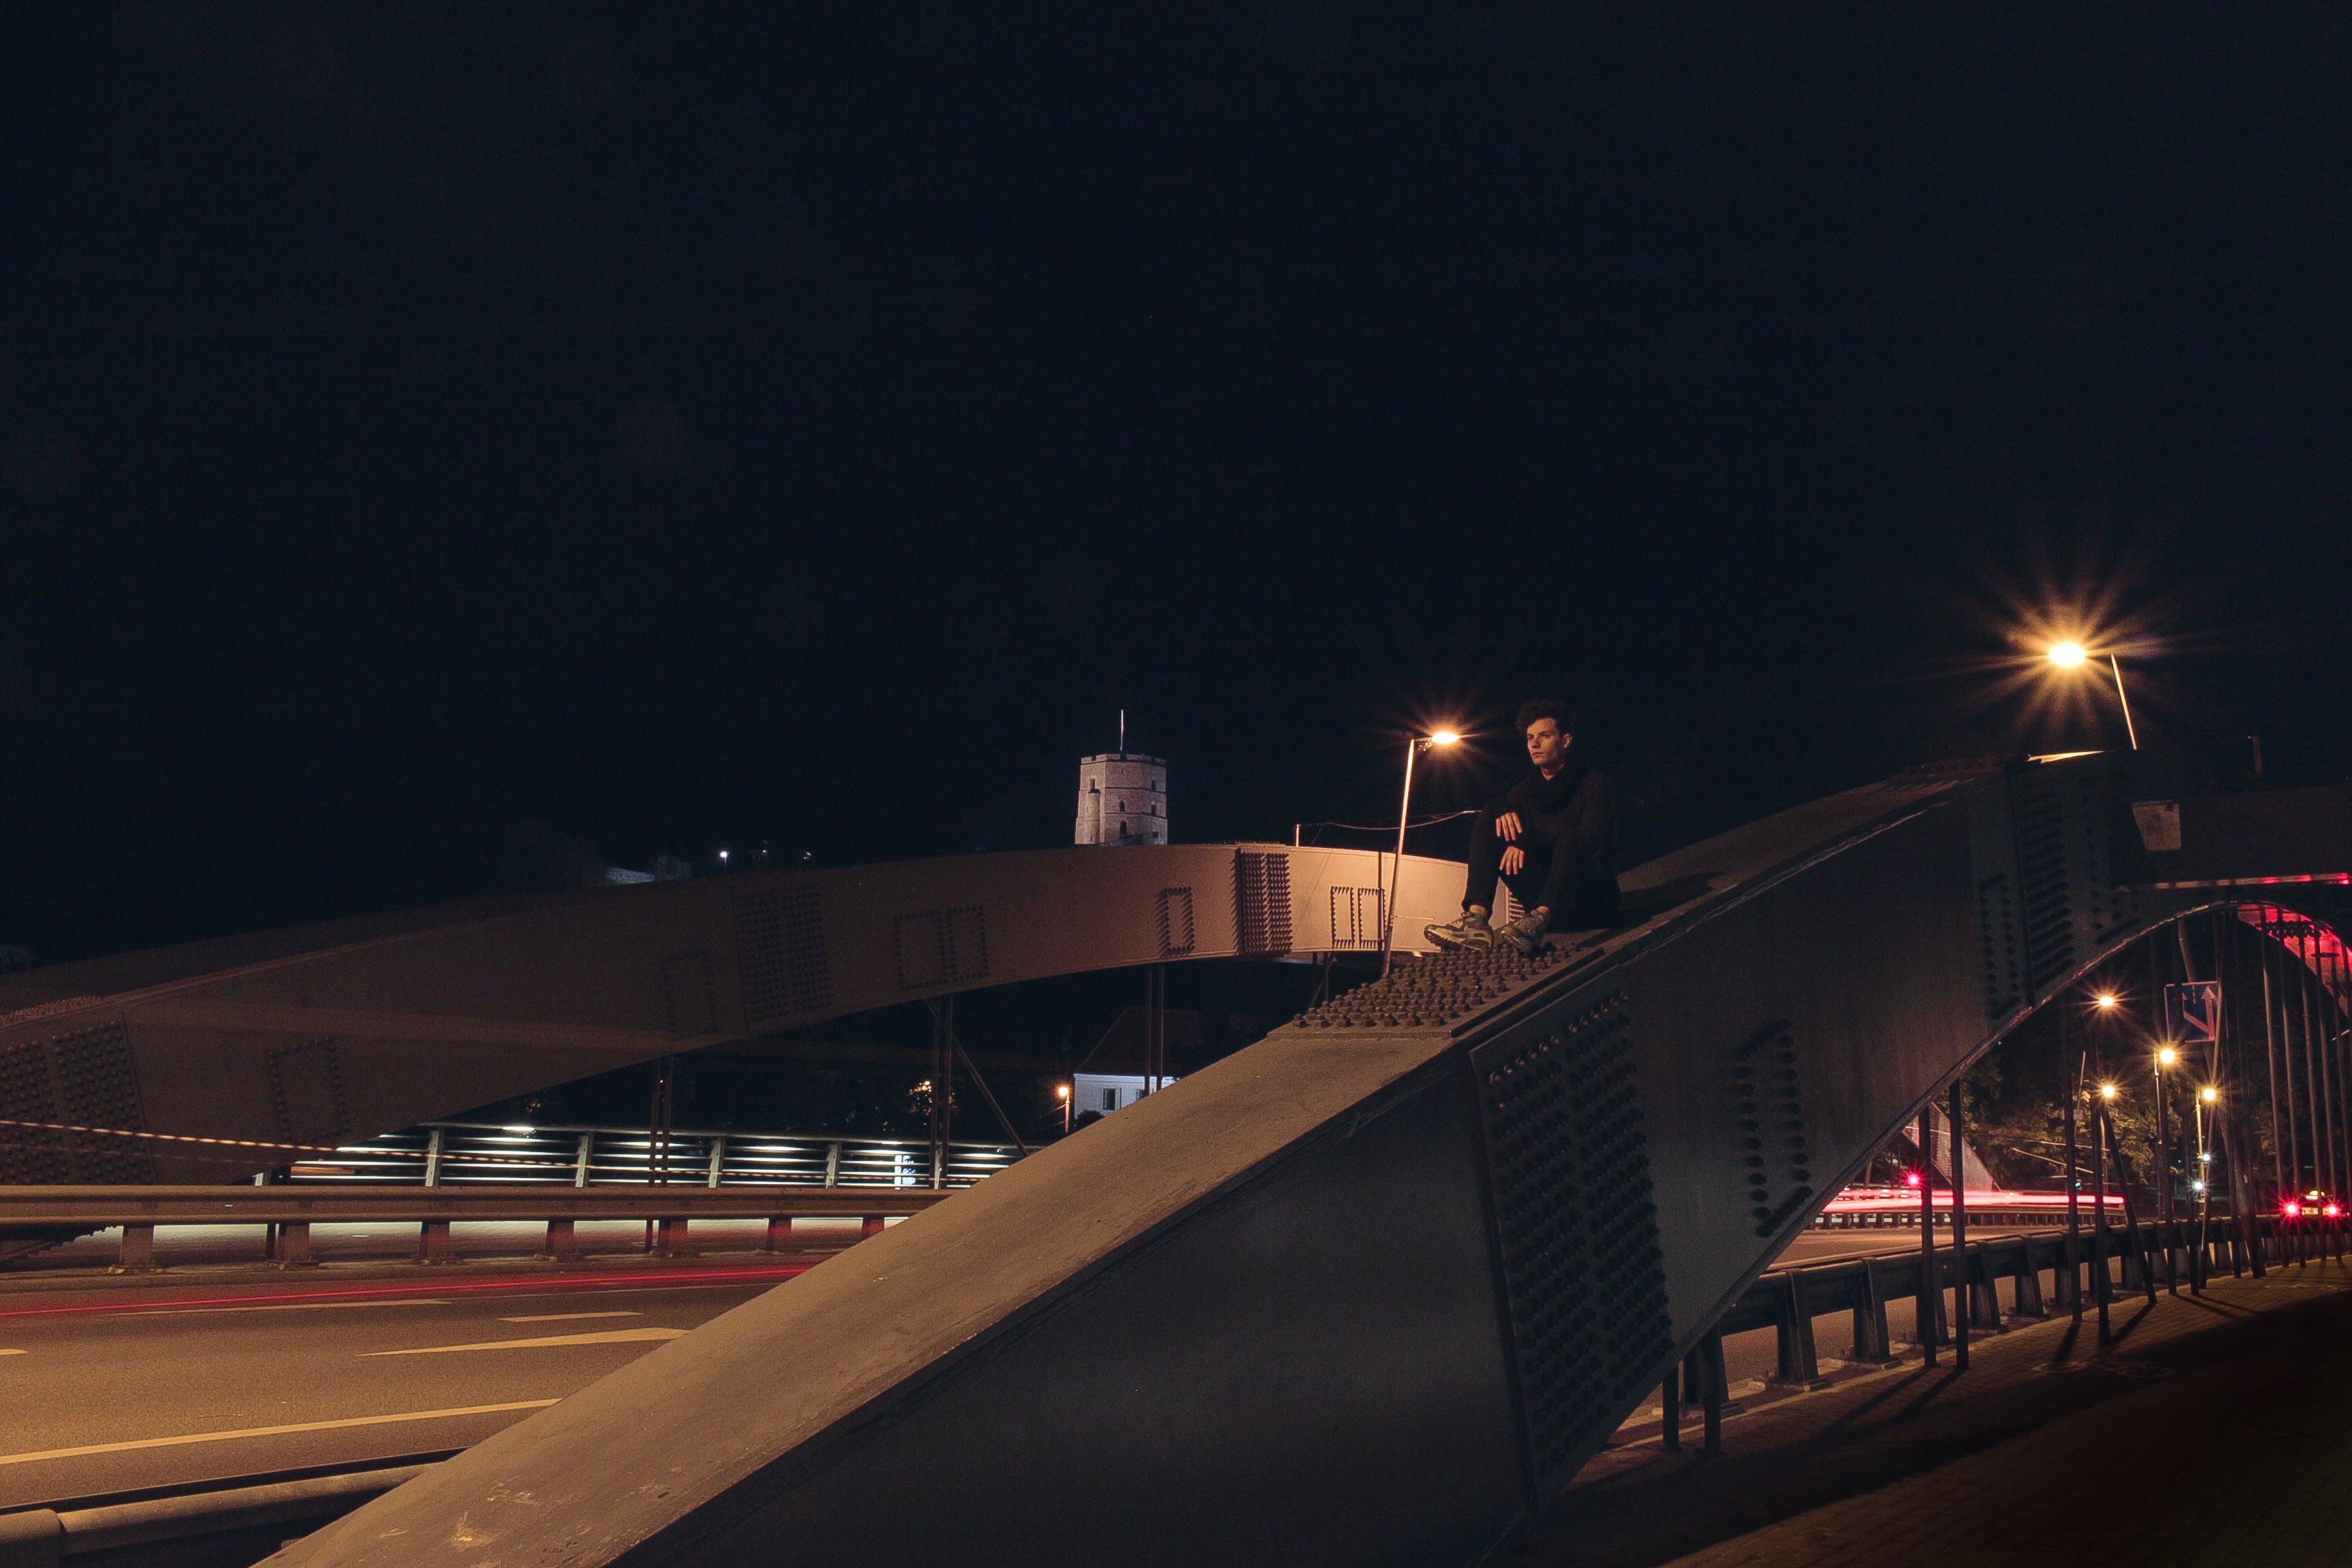 Kostenloses Stock Foto zu abend, architektur, autobahn, beleuchtet